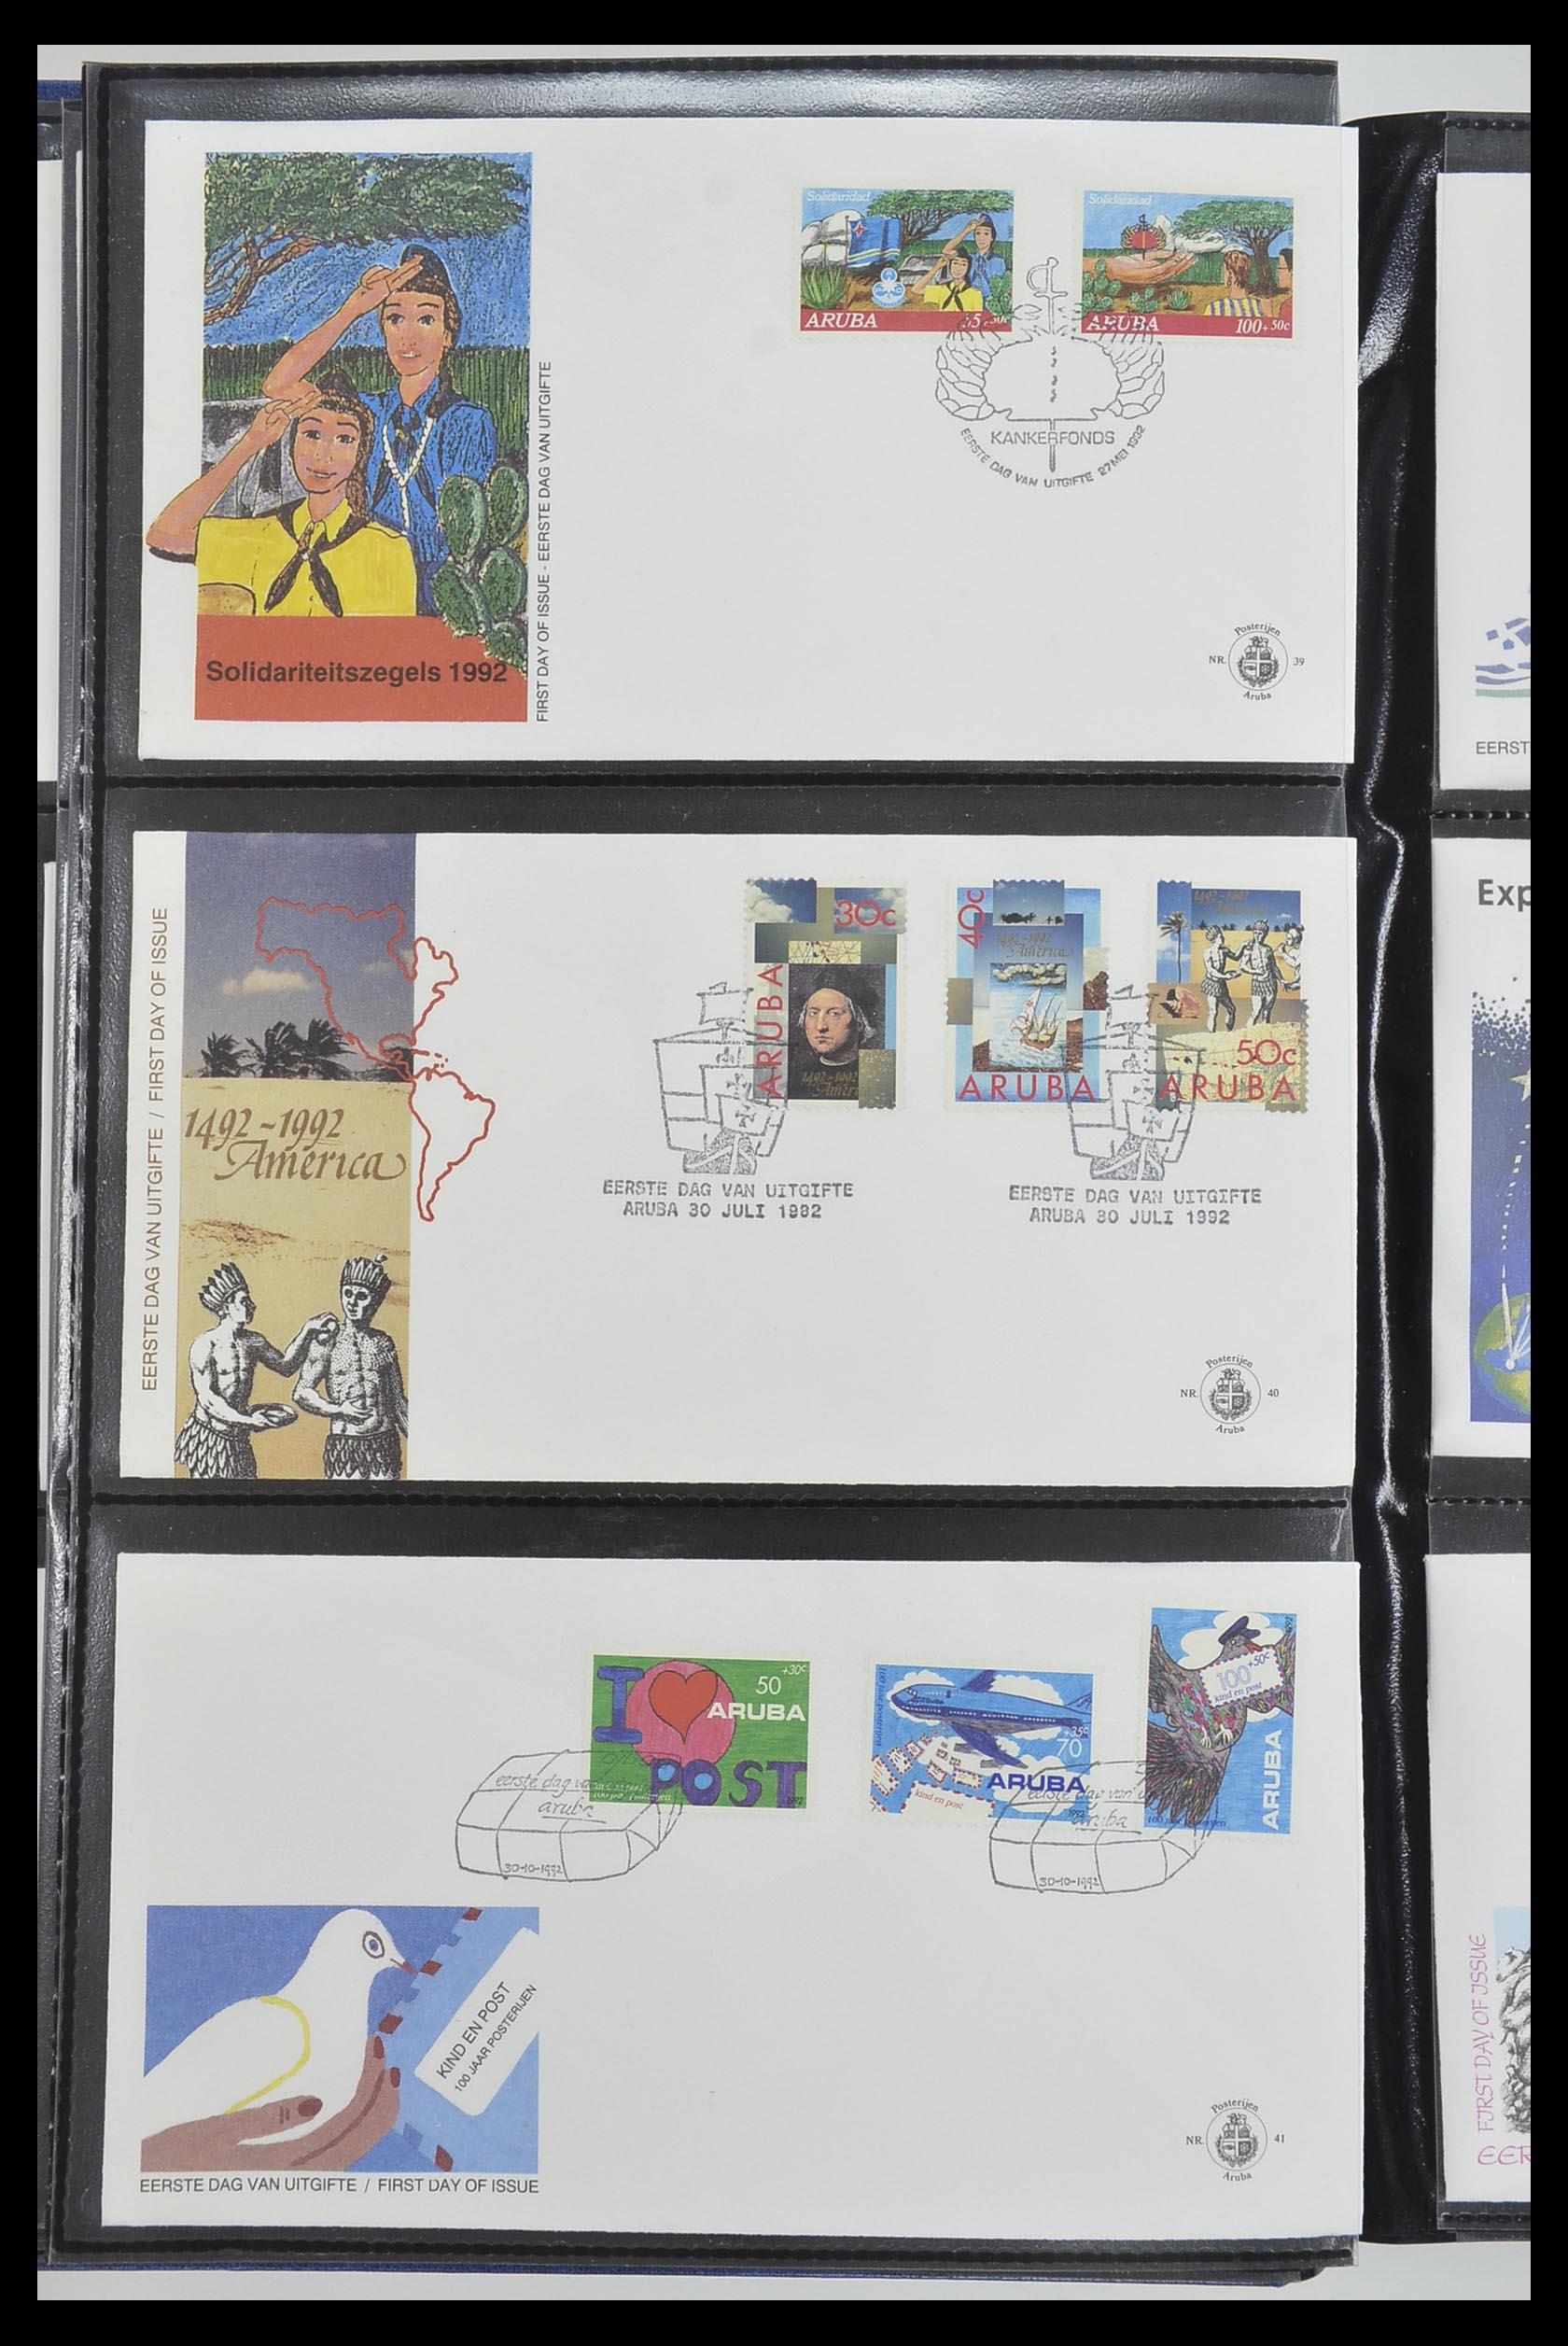 33585 014 - Postzegelverzameling 33585 Aruba FDC's 1986-2006.